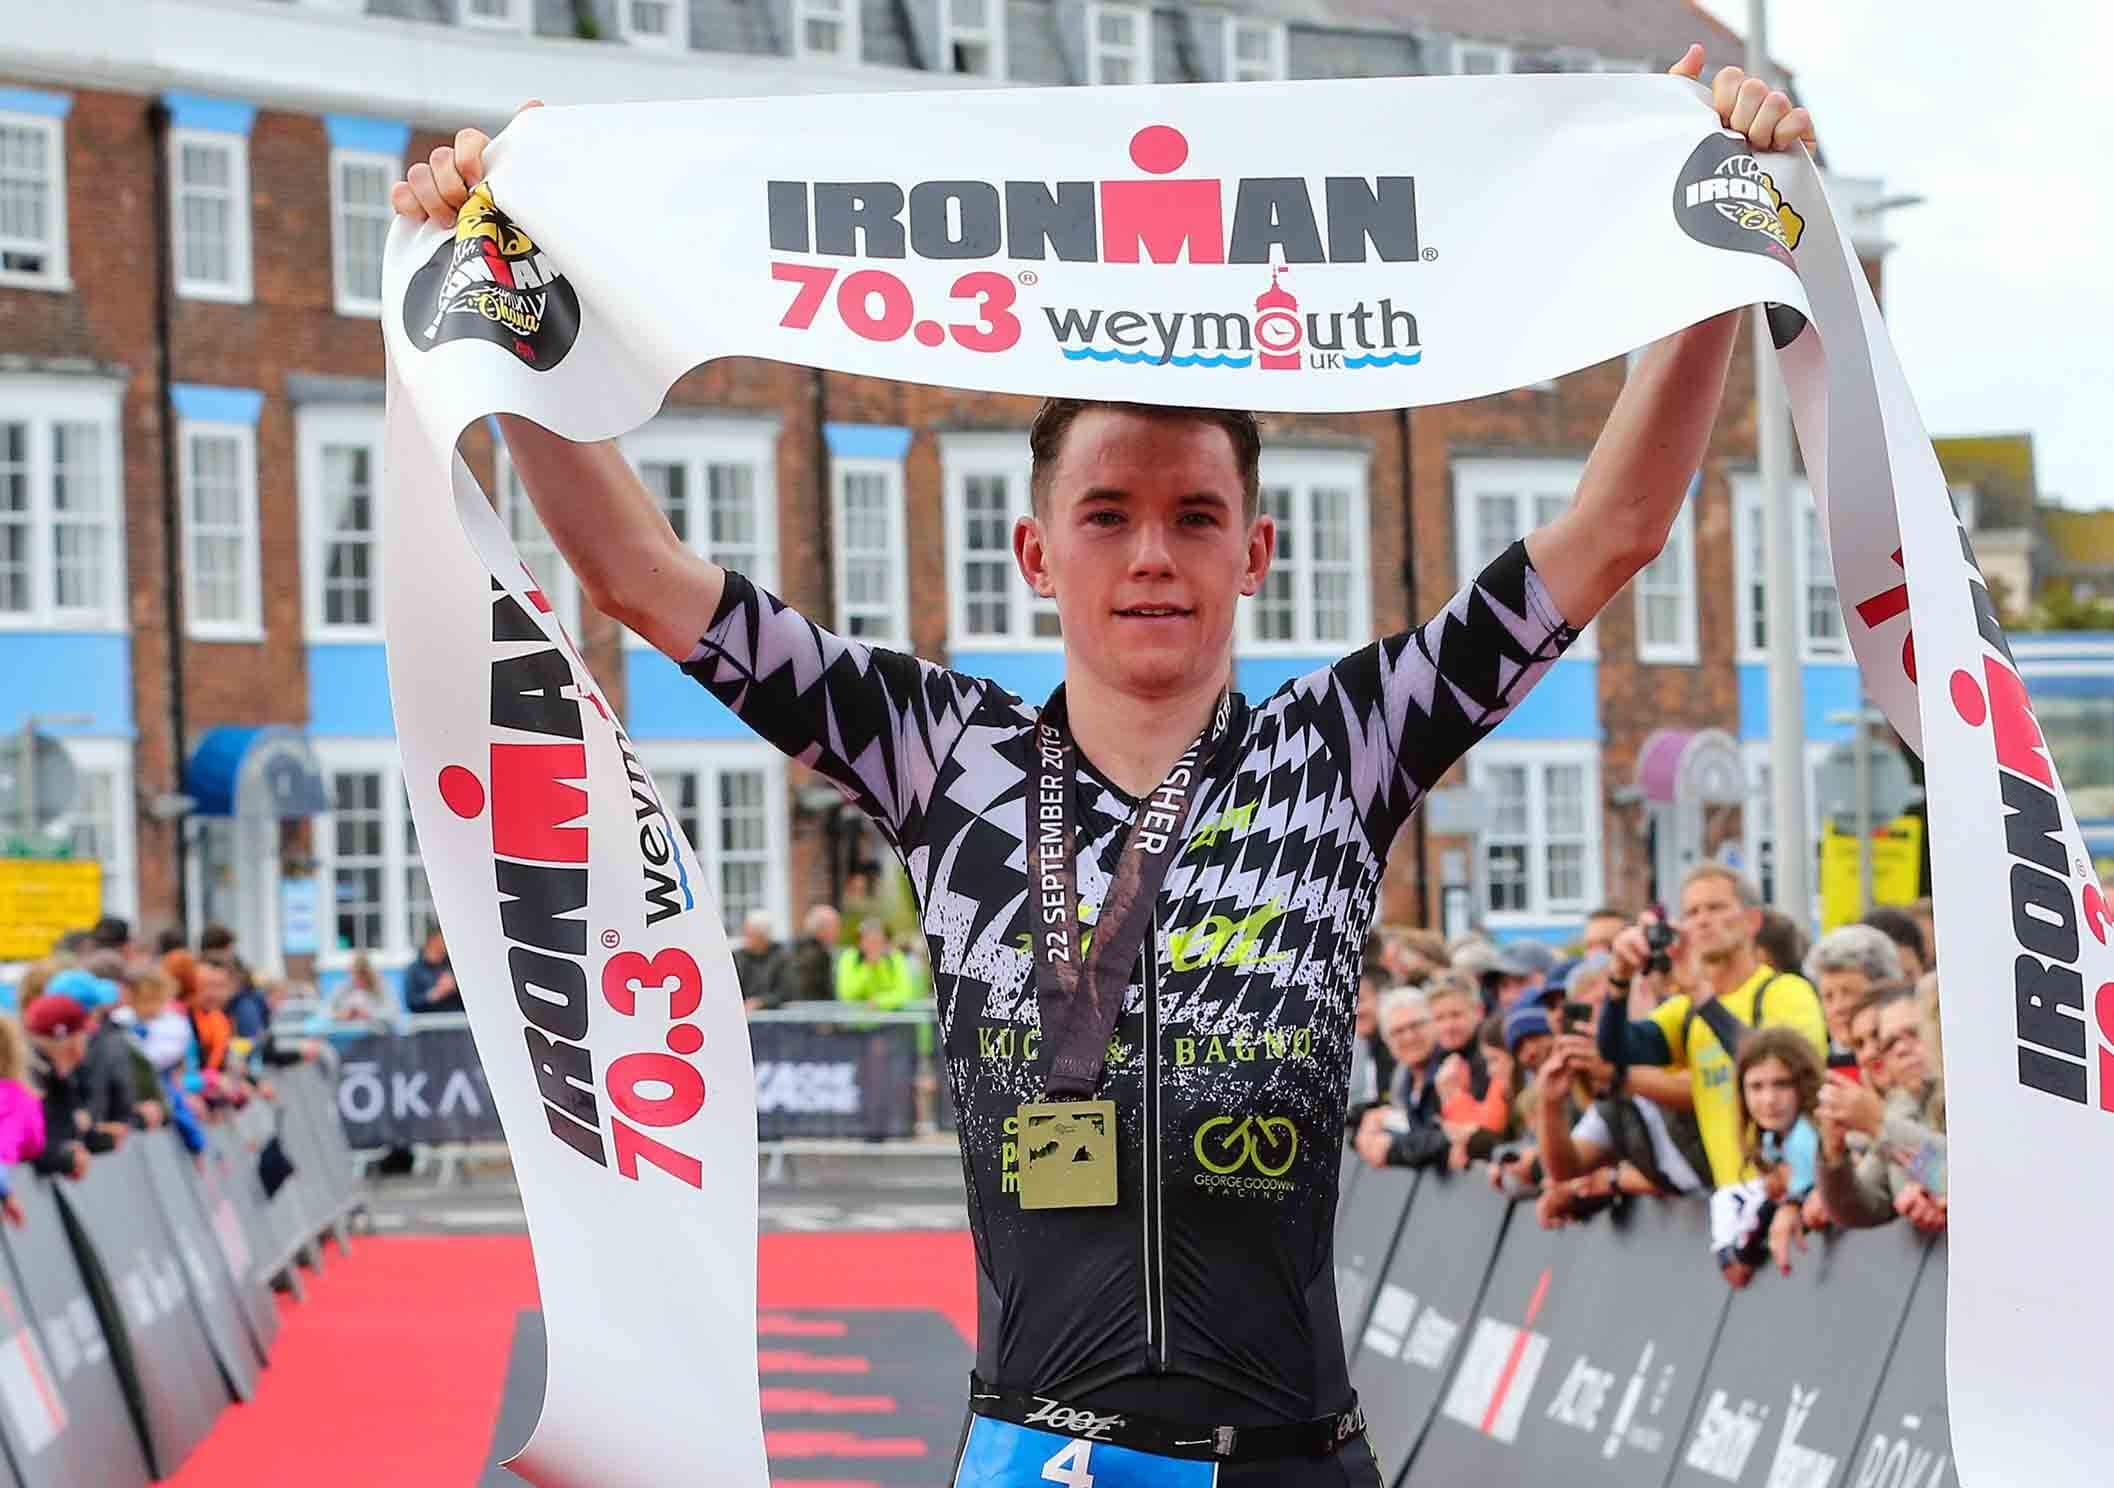 HOKA athlete George Goodwin holds up the finish tape